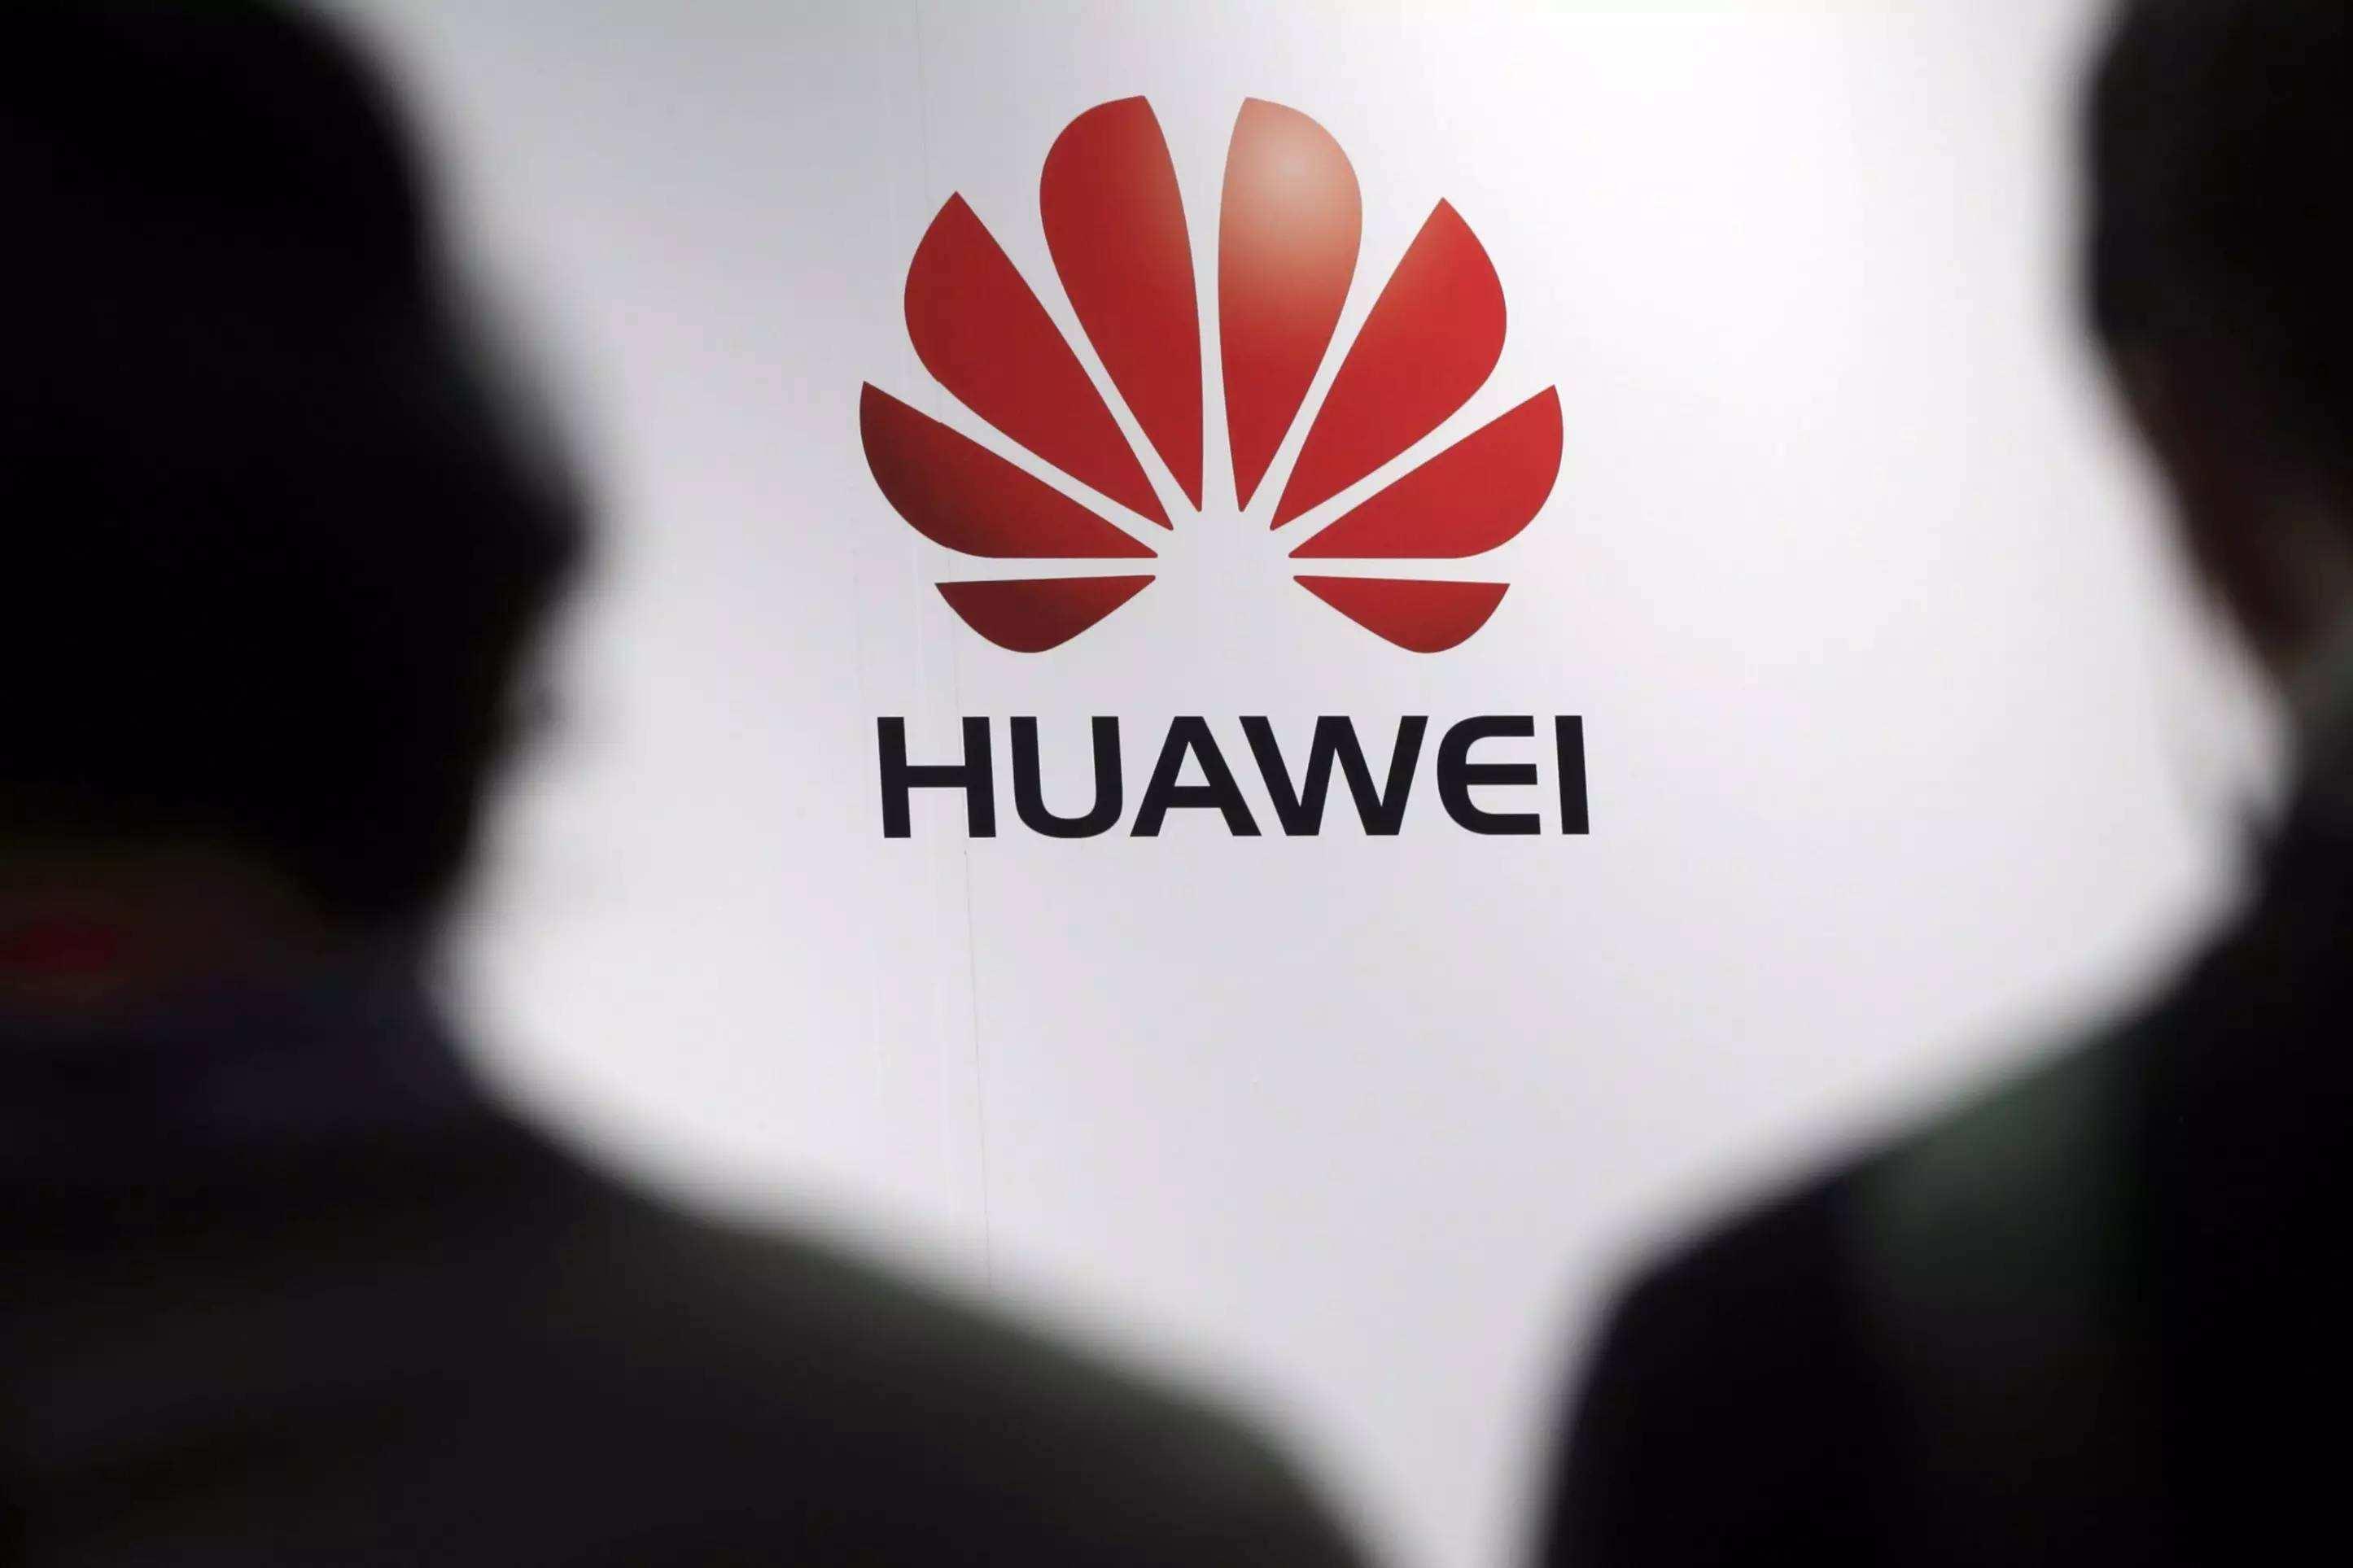 外交部回应澳方禁止华为参与5G:当摒弃意识形态偏见